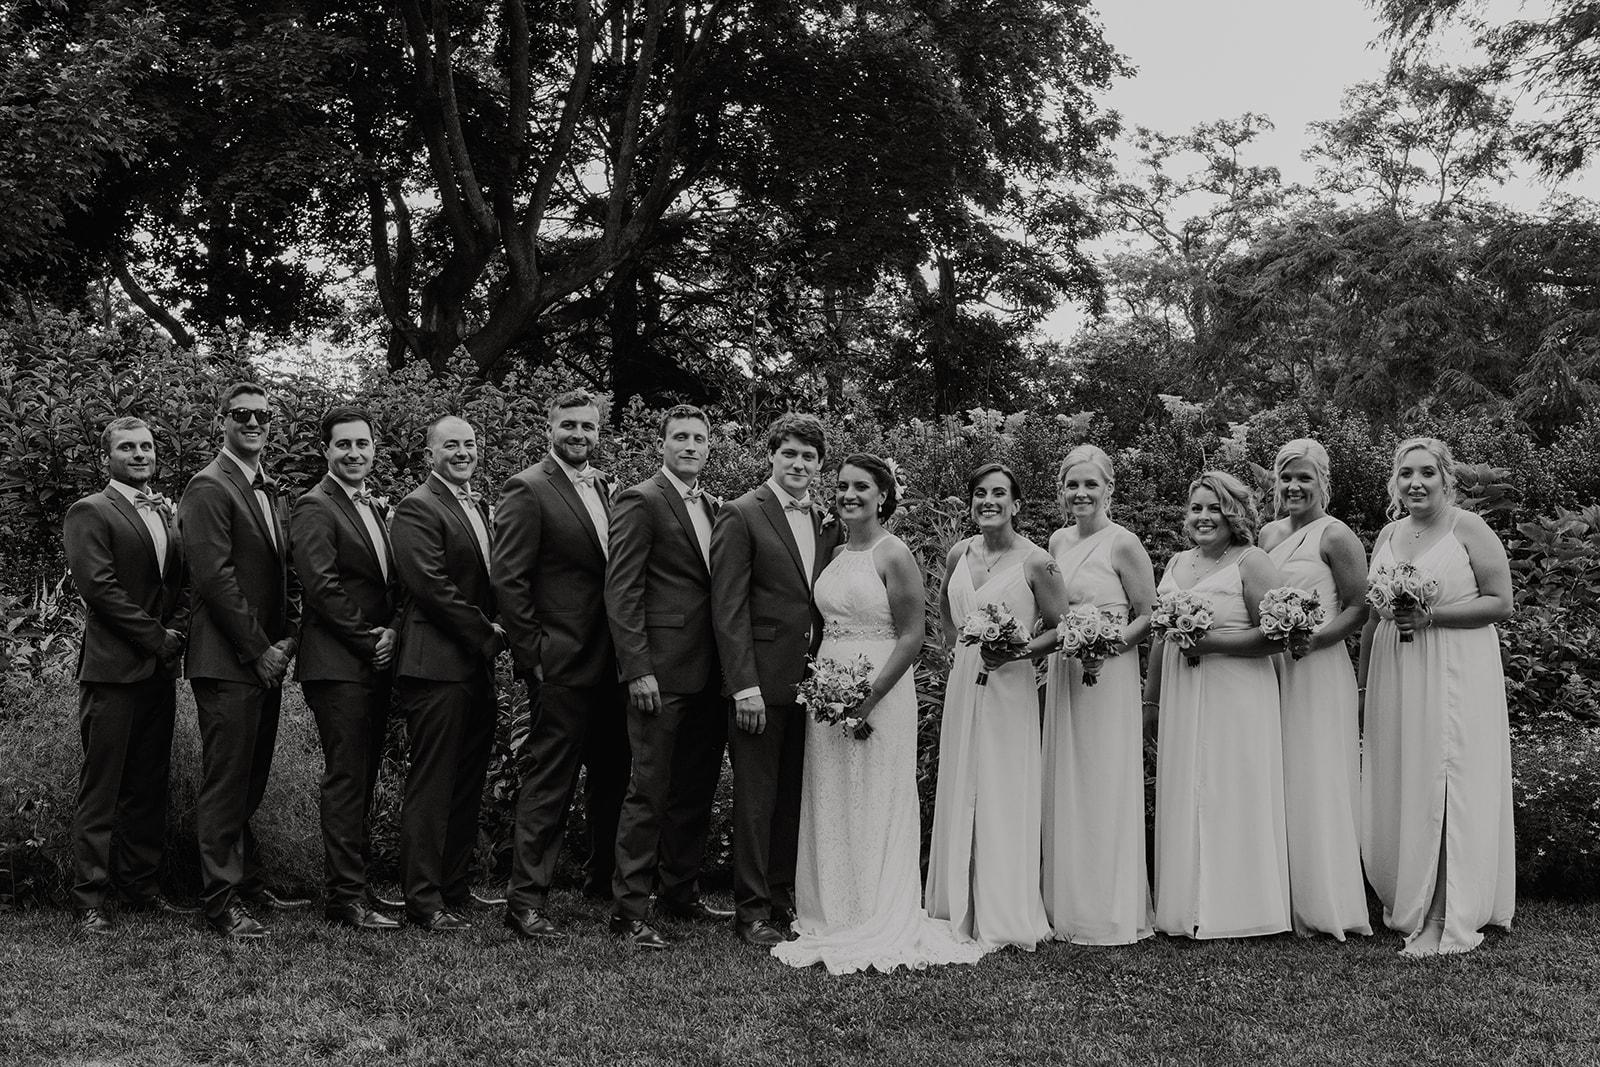 weddingparty-9084.jpg